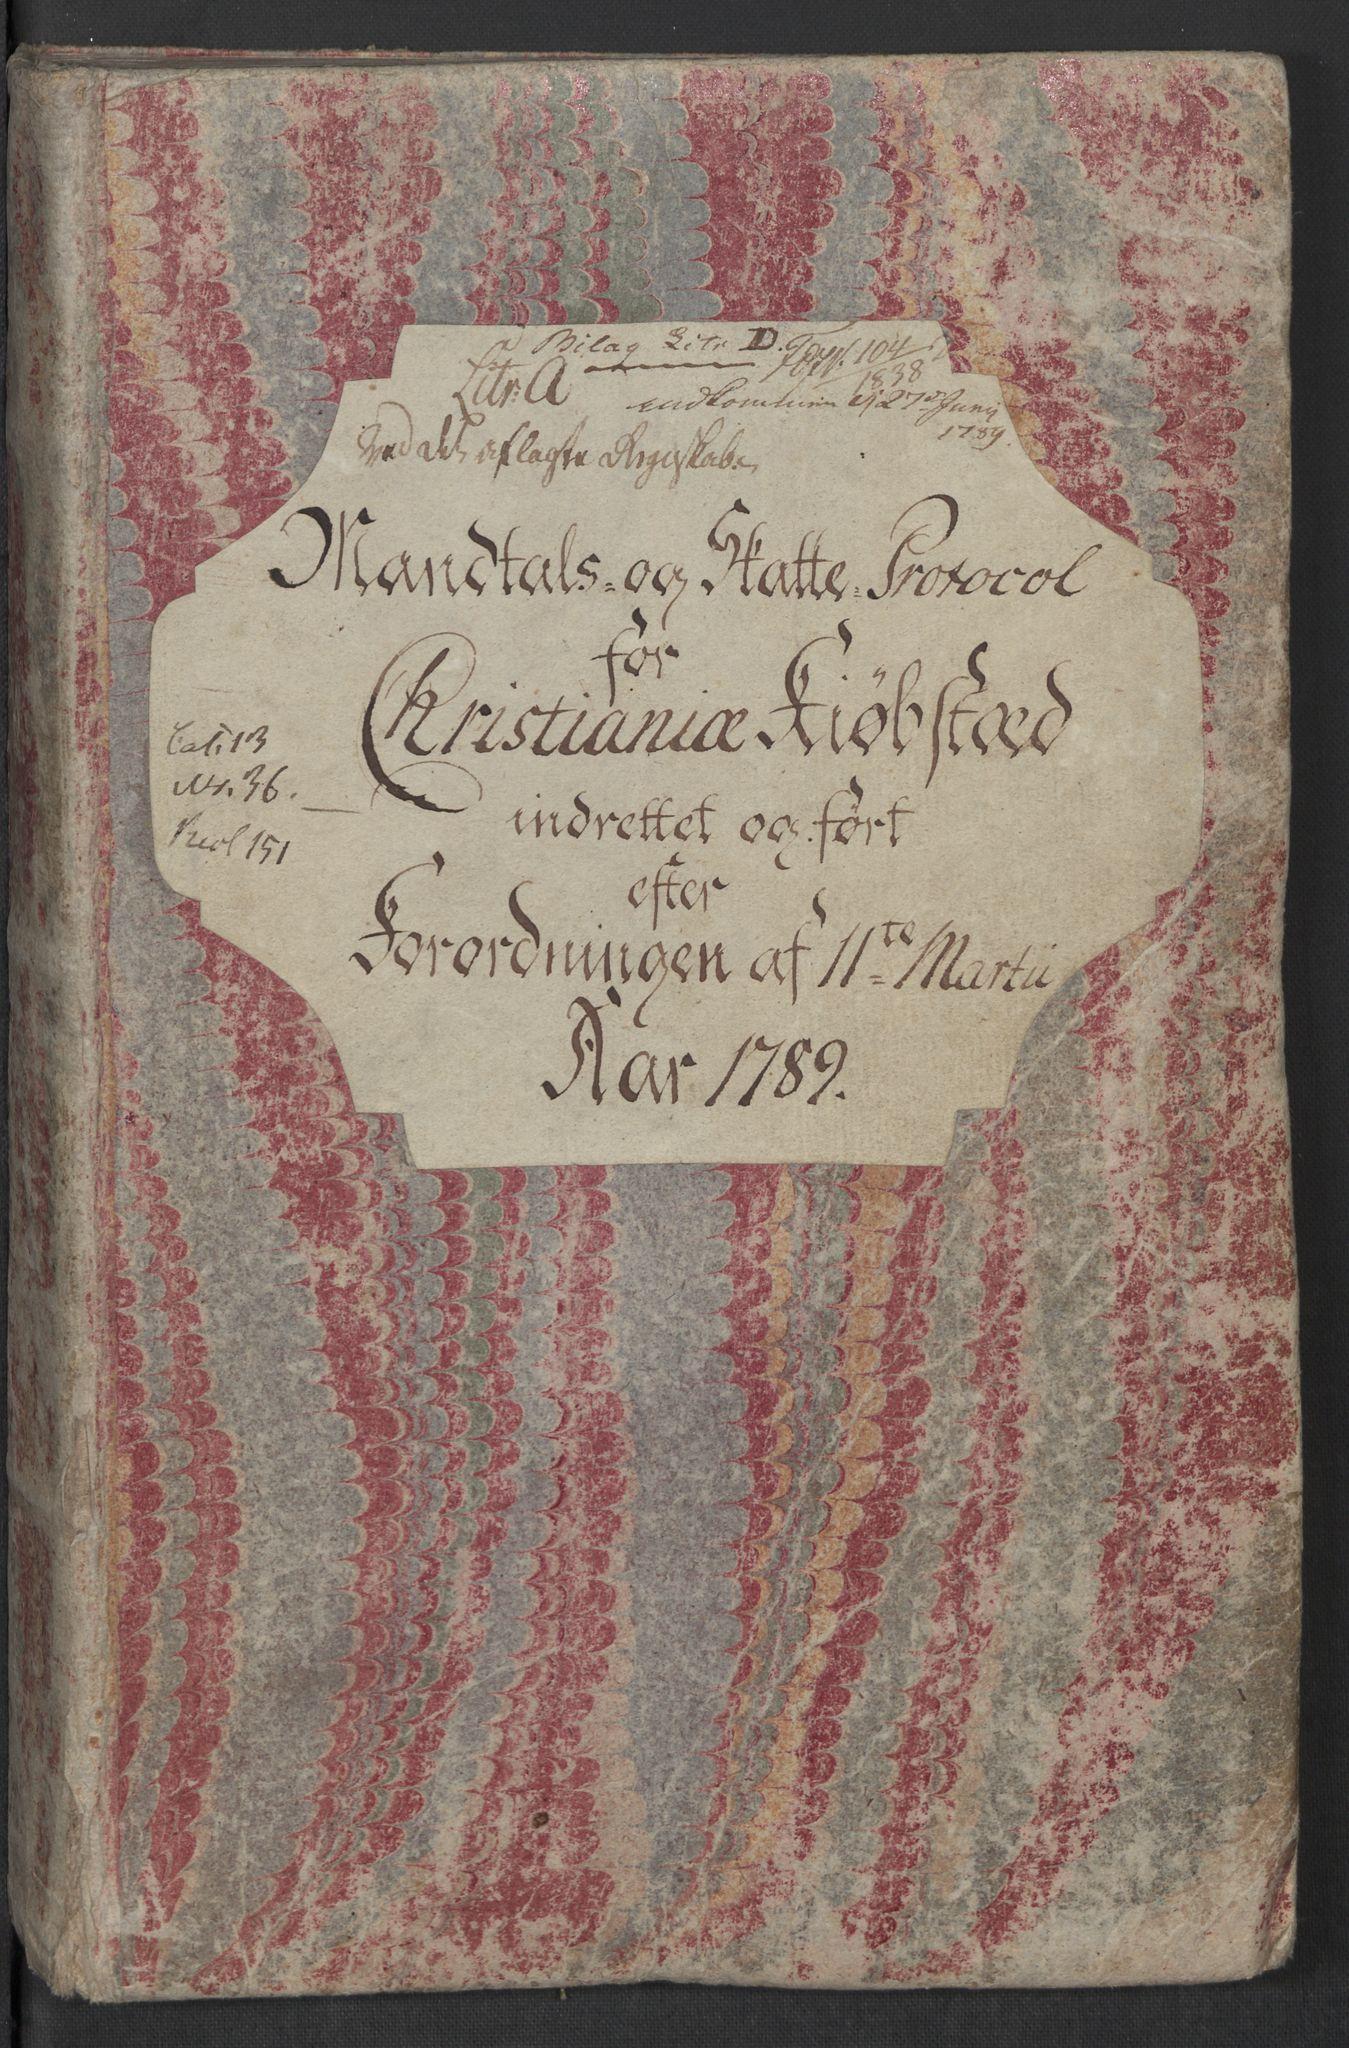 RA, Rentekammeret inntil 1814, Reviderte regnskaper, Mindre regnskaper, Rf/Rfe/L0006: Christiania, 1789, s. 3